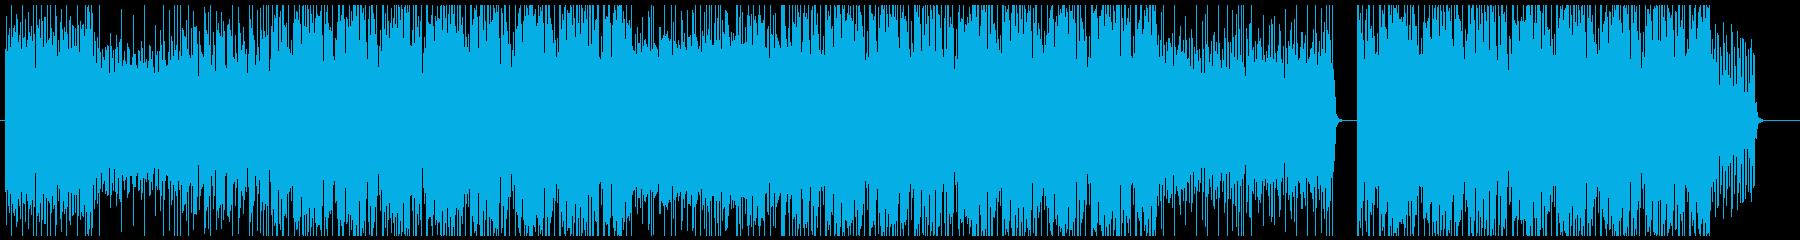 劇伴バイオリン/ヒップホップ/動画向/2の再生済みの波形